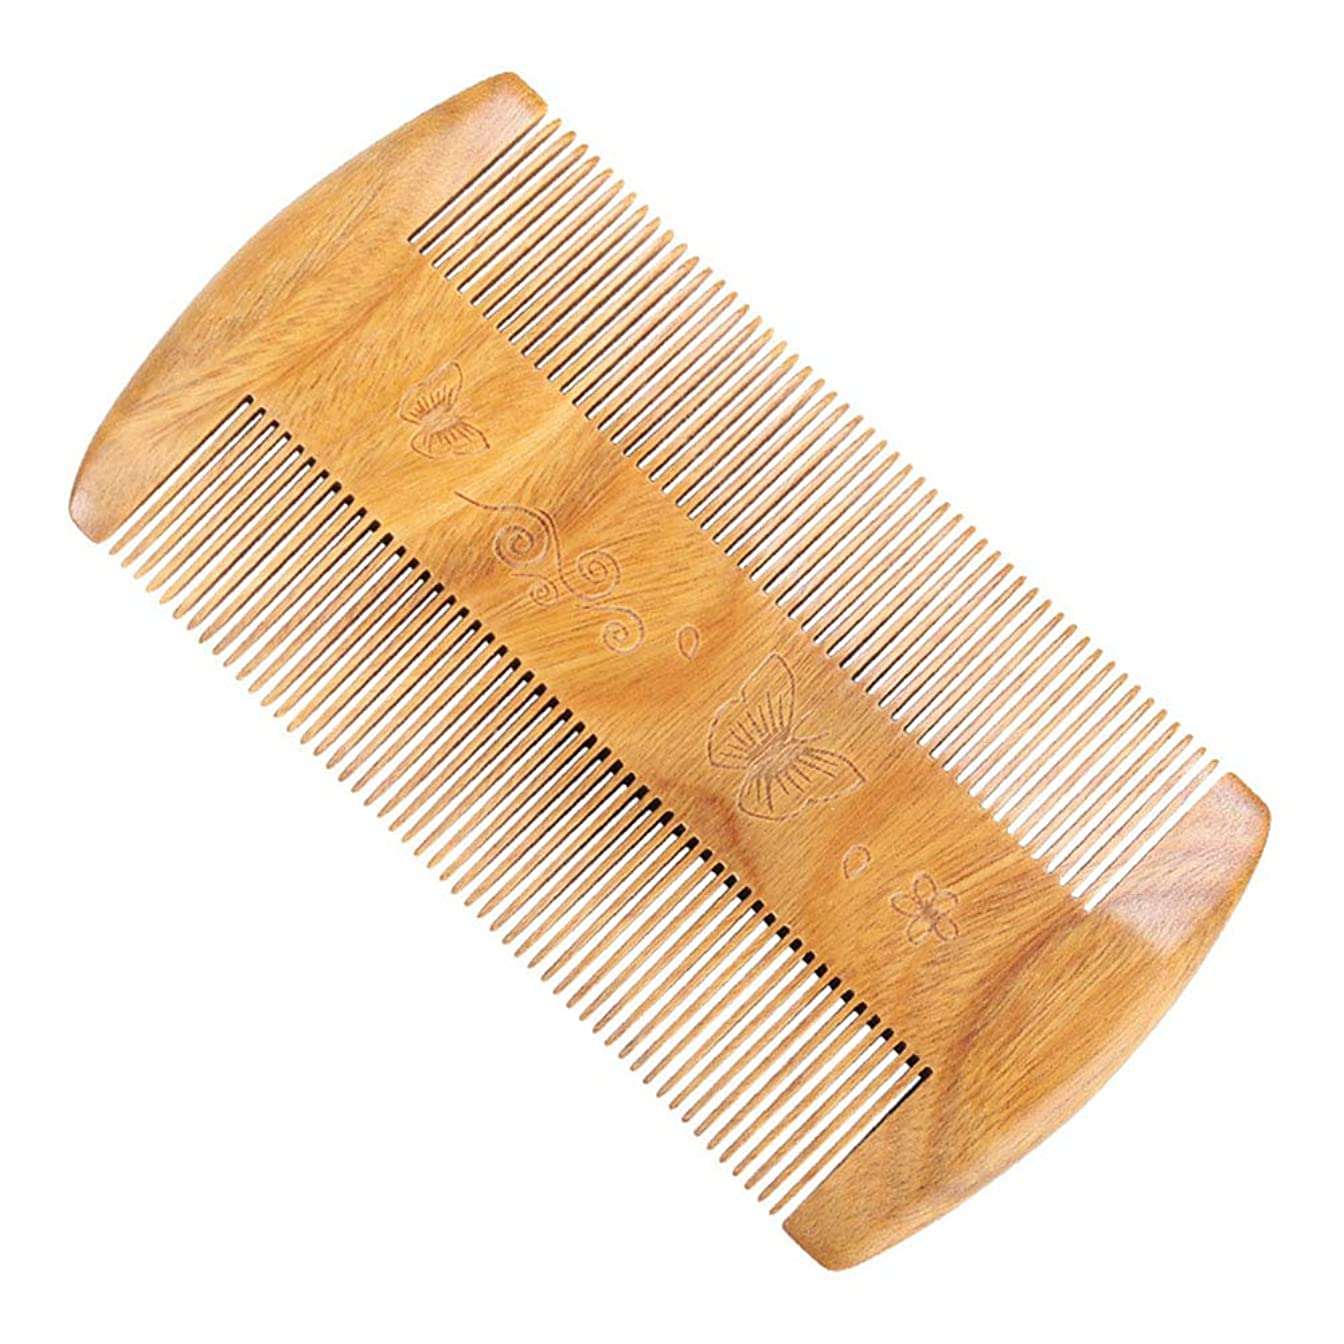 不快抵抗する適度なヘアーコーム 木製のひげ櫛ふけふけサンダルウッド 理髪の櫛